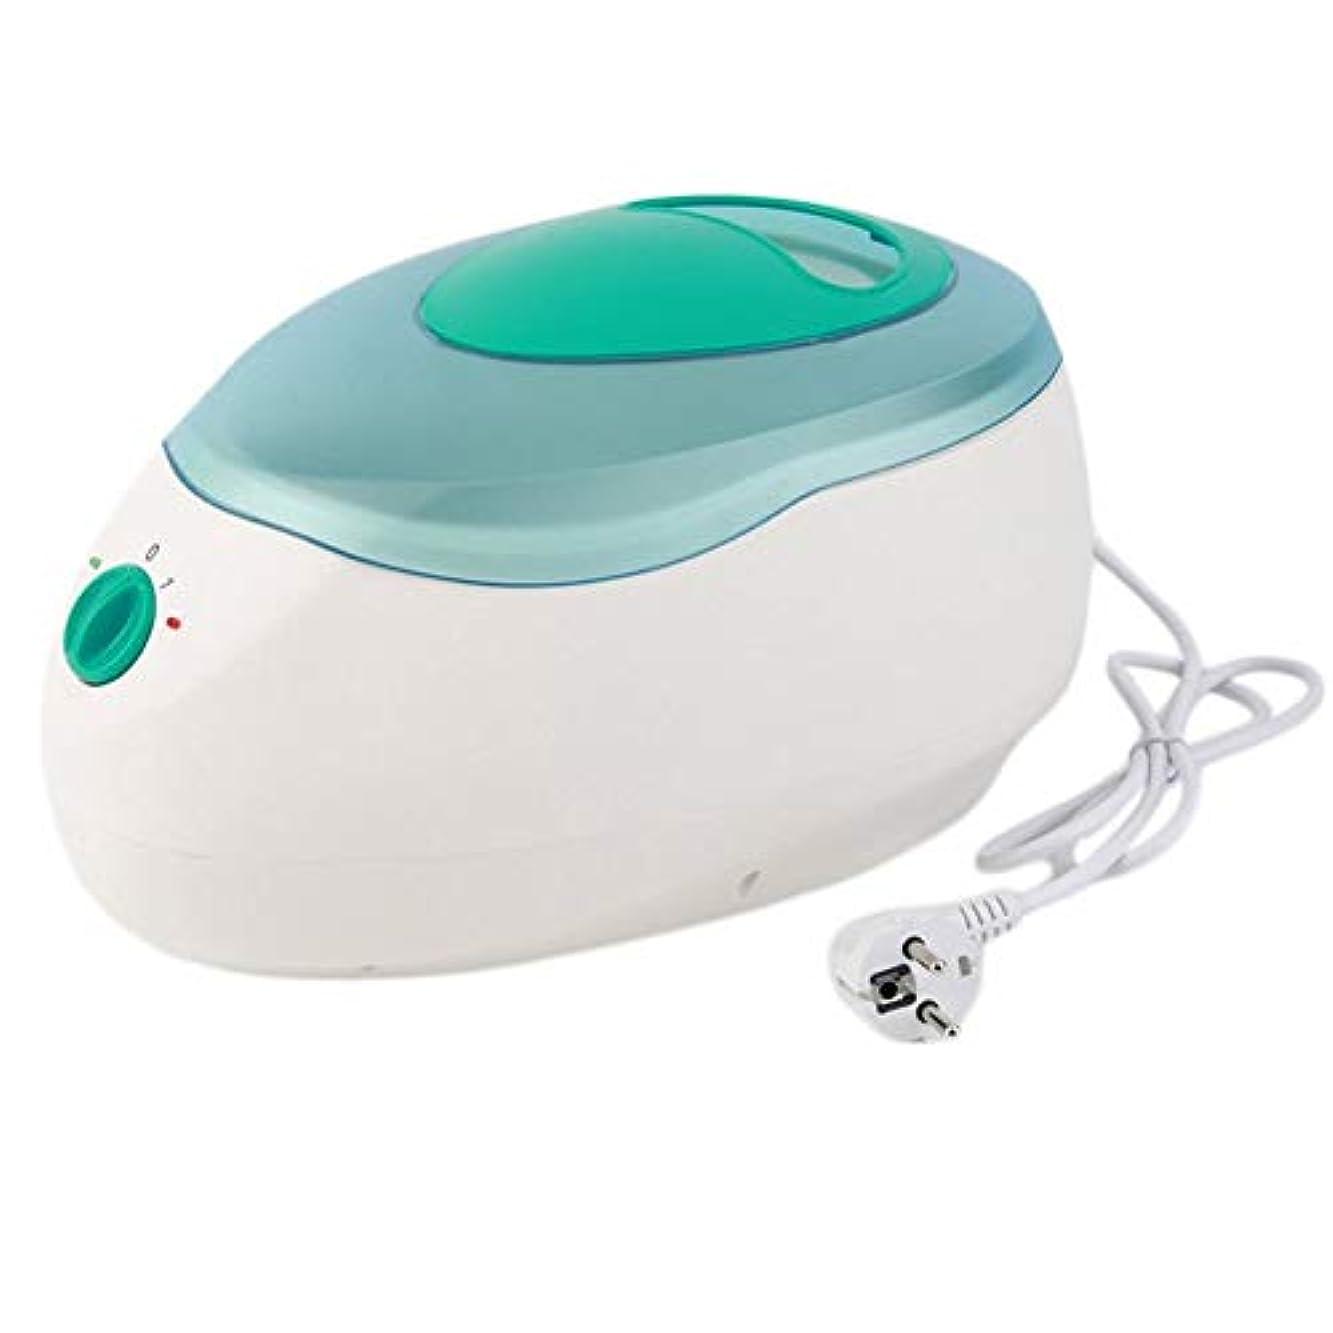 ポーク自伝から手および足ボディワックスの毛の取り外しのためのワックス機械パラフィン療法の浴のワックスの鍋のウォーマーの美容院装置の鉱泉150W,グリーン